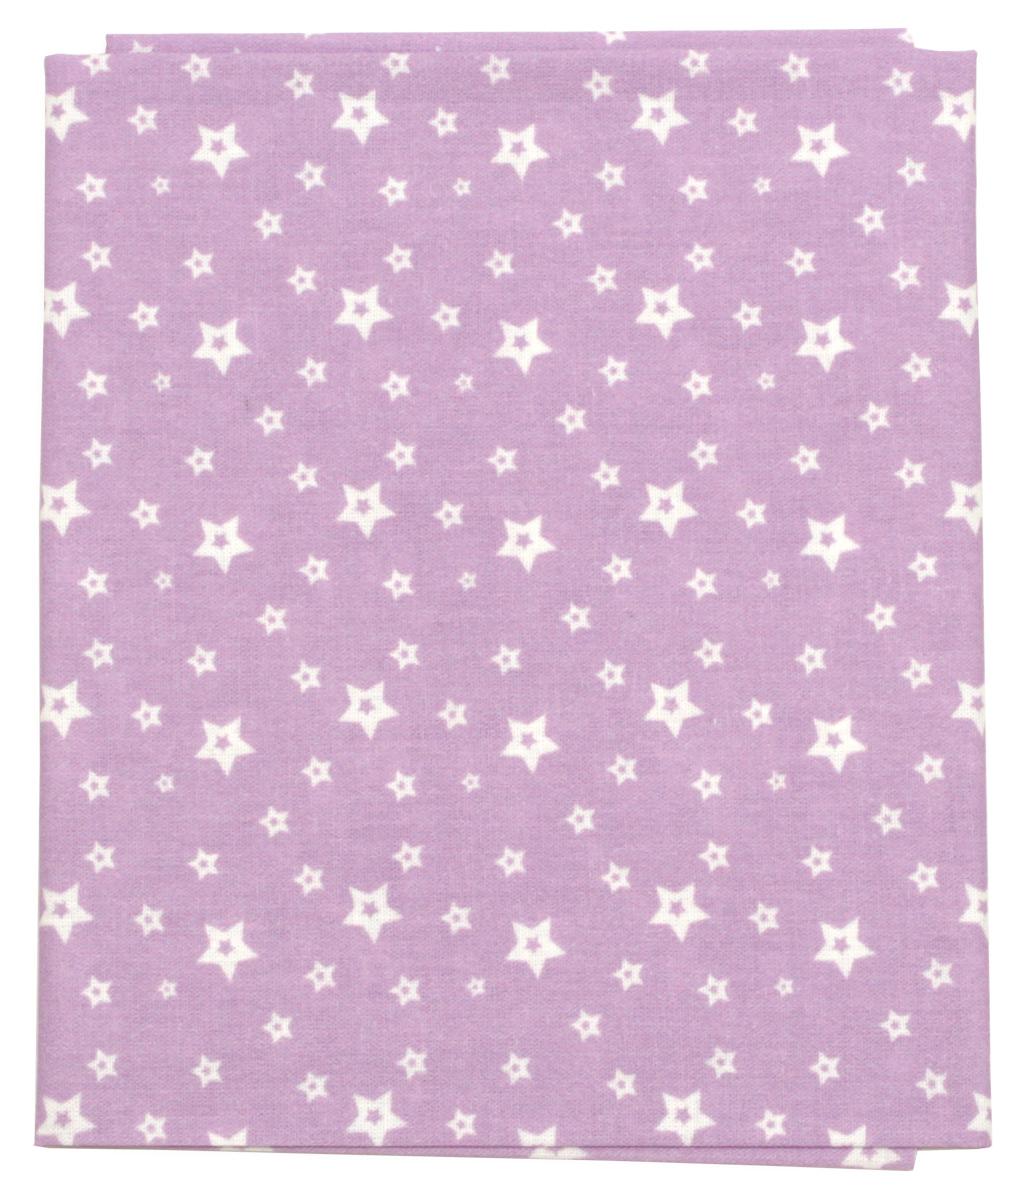 Ткань Кустарь Звезды №33, 48 х 50 см. AM575033AM575033Ткань Кустарь - это высококачественная ткань из 100% хлопка, которая отлично подходит для пошива покрывал, сумок, панно, одежды, кукол. Также подходит для рукоделия в стиле скрапбукинг и пэчворк. Плотность ткани: 120 г/м2. Размер: 48 х 50 см.